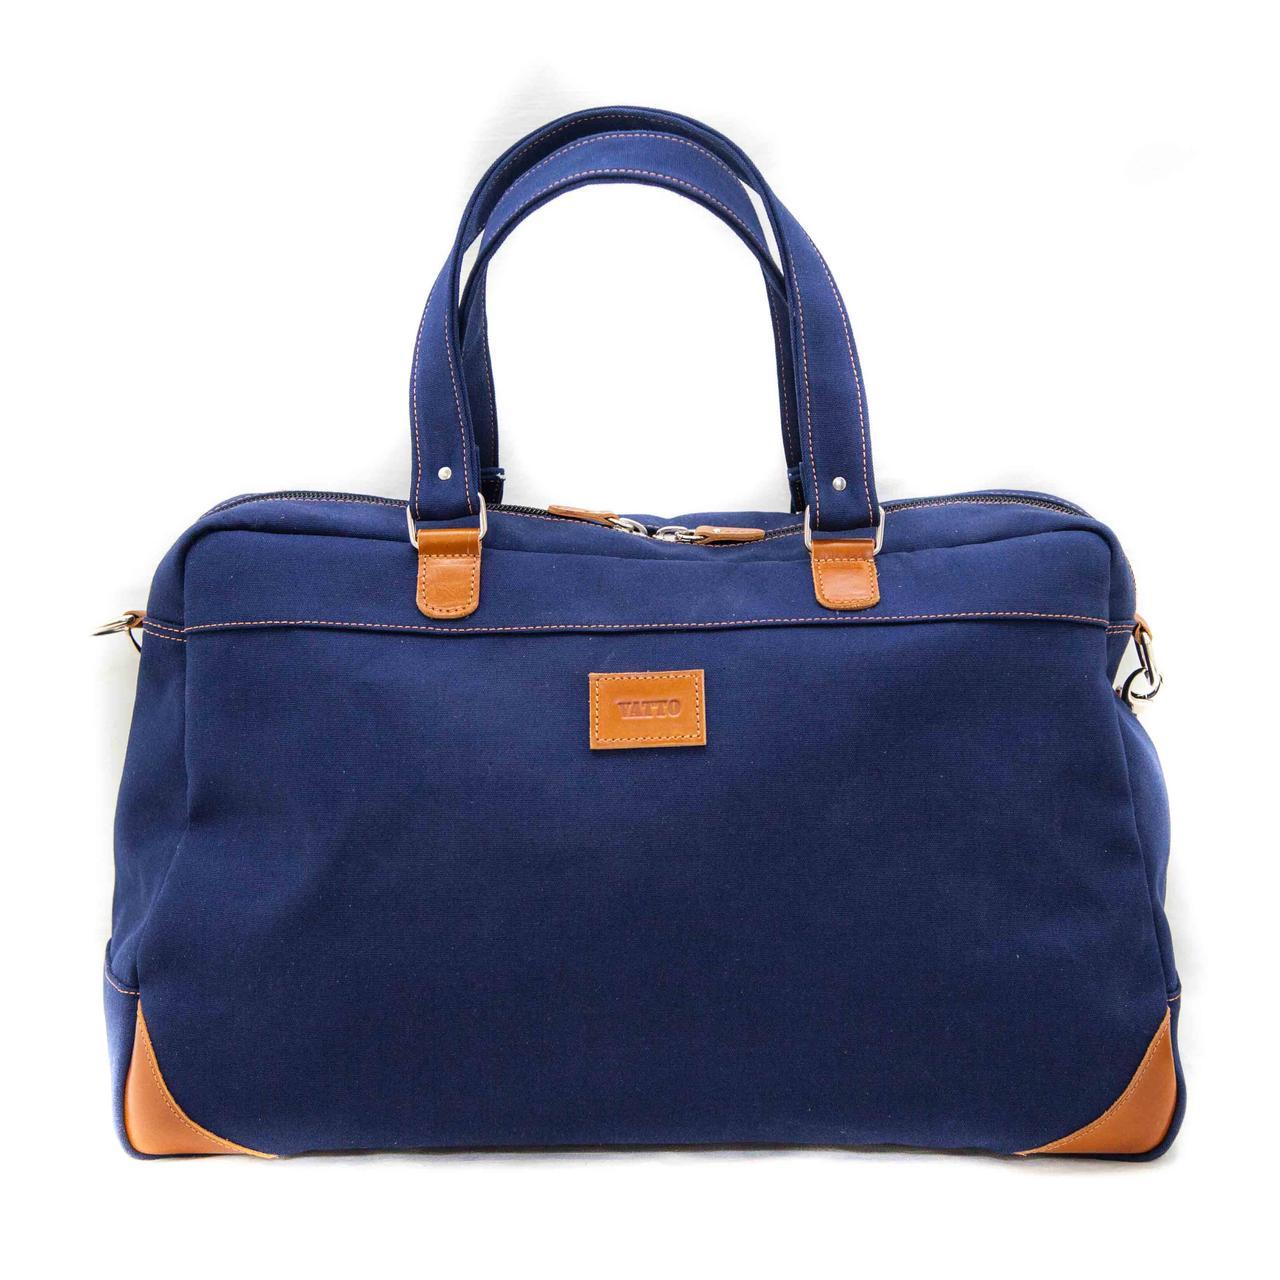 Дорожная сумка VATTO B14 H2 Kr190